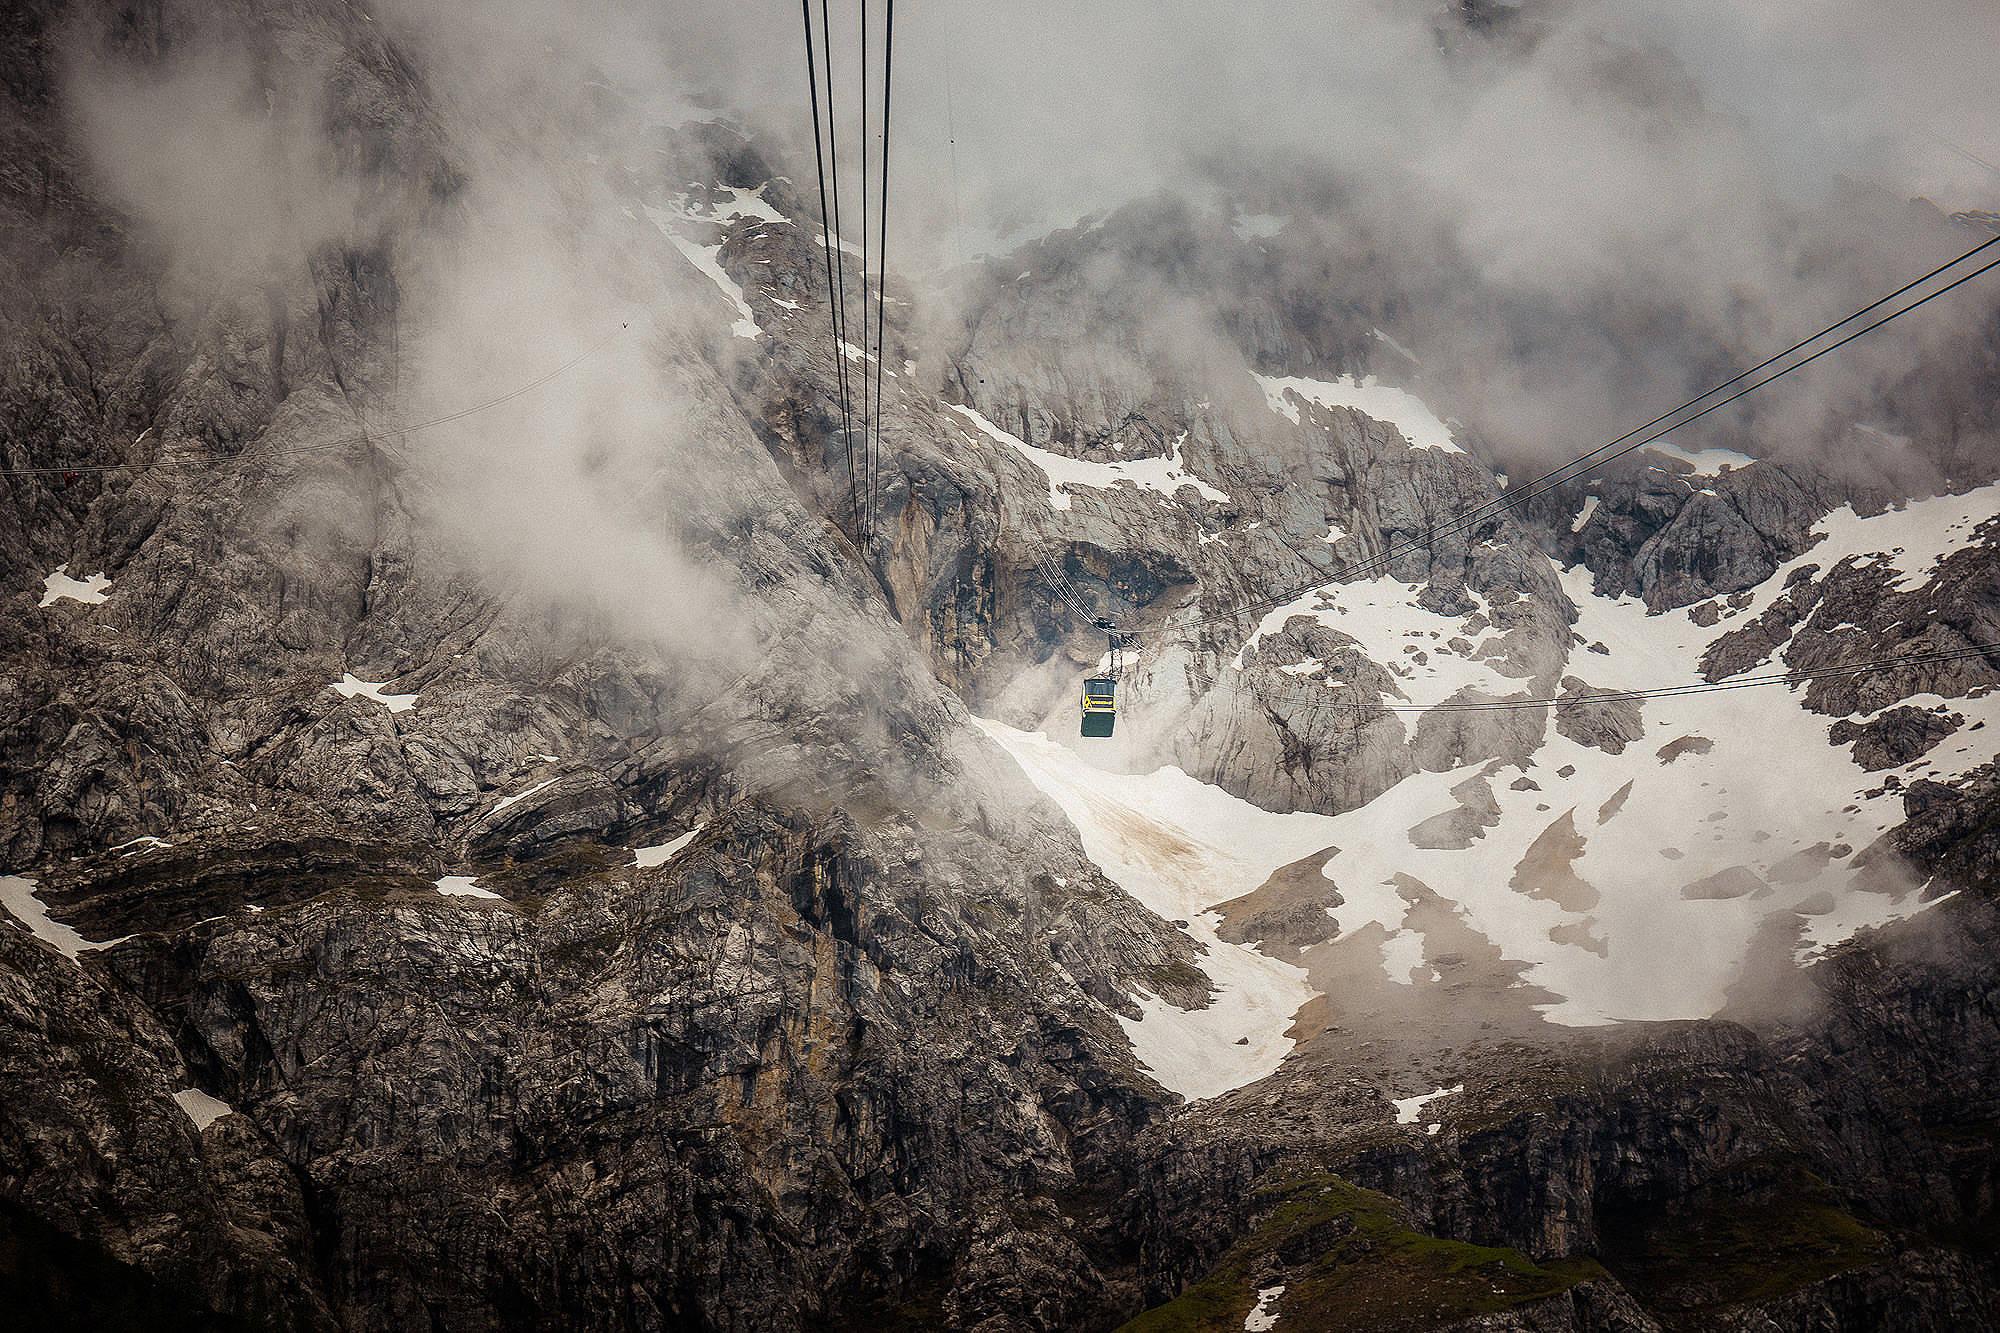 Einer der ungewöhnlichsten Location unserer Reise:  mit dem 2,4-Meter-Sammelschiffchen in der Gondel auf dem Weg zum Gipfel  Zugspitze .